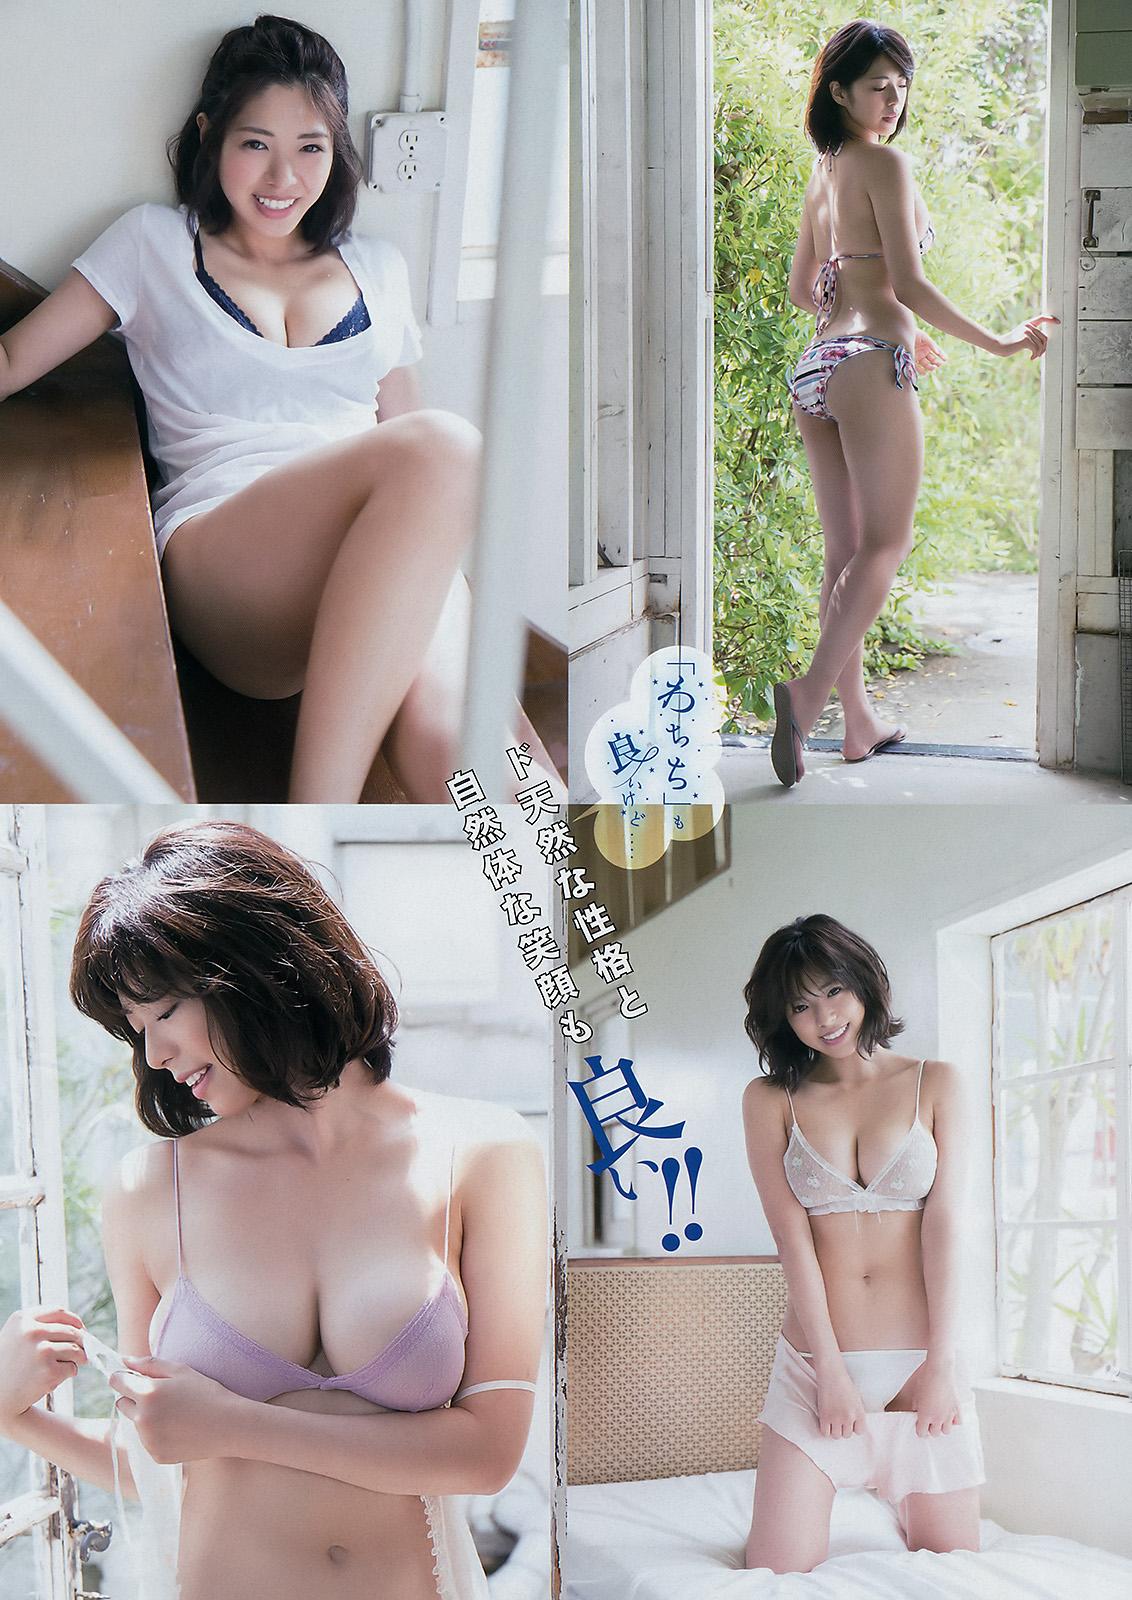 image http://scanlover.com/assets/images/2952-5PheFYvbumE1CEW1.jpeg